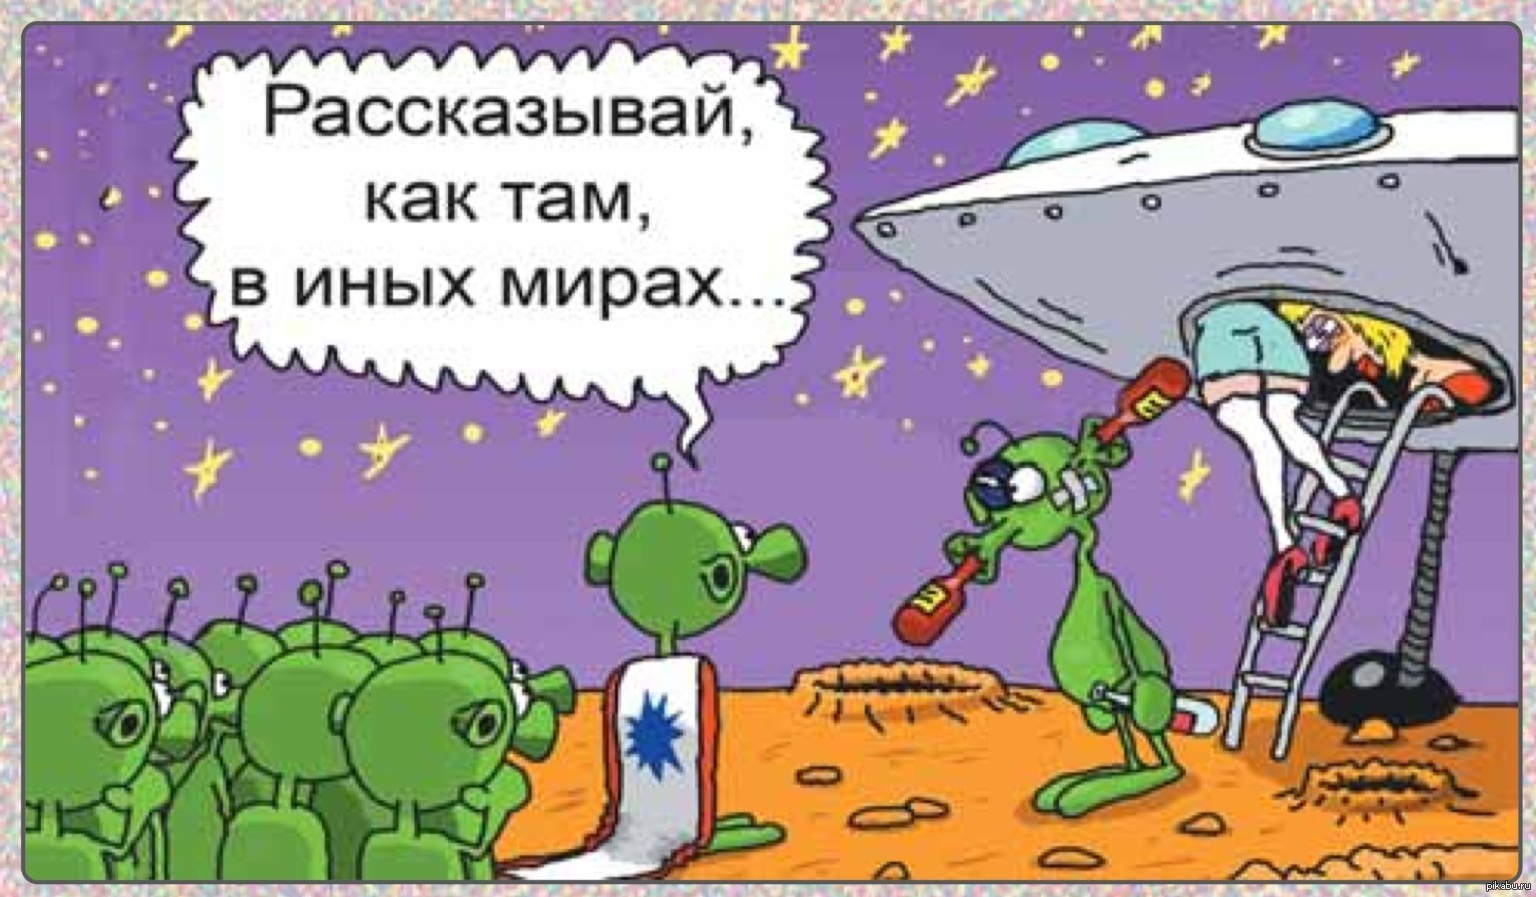 палисадники поздравление инопланетянину рассказать о новых друзьях жителям своей преддверии дня рождения